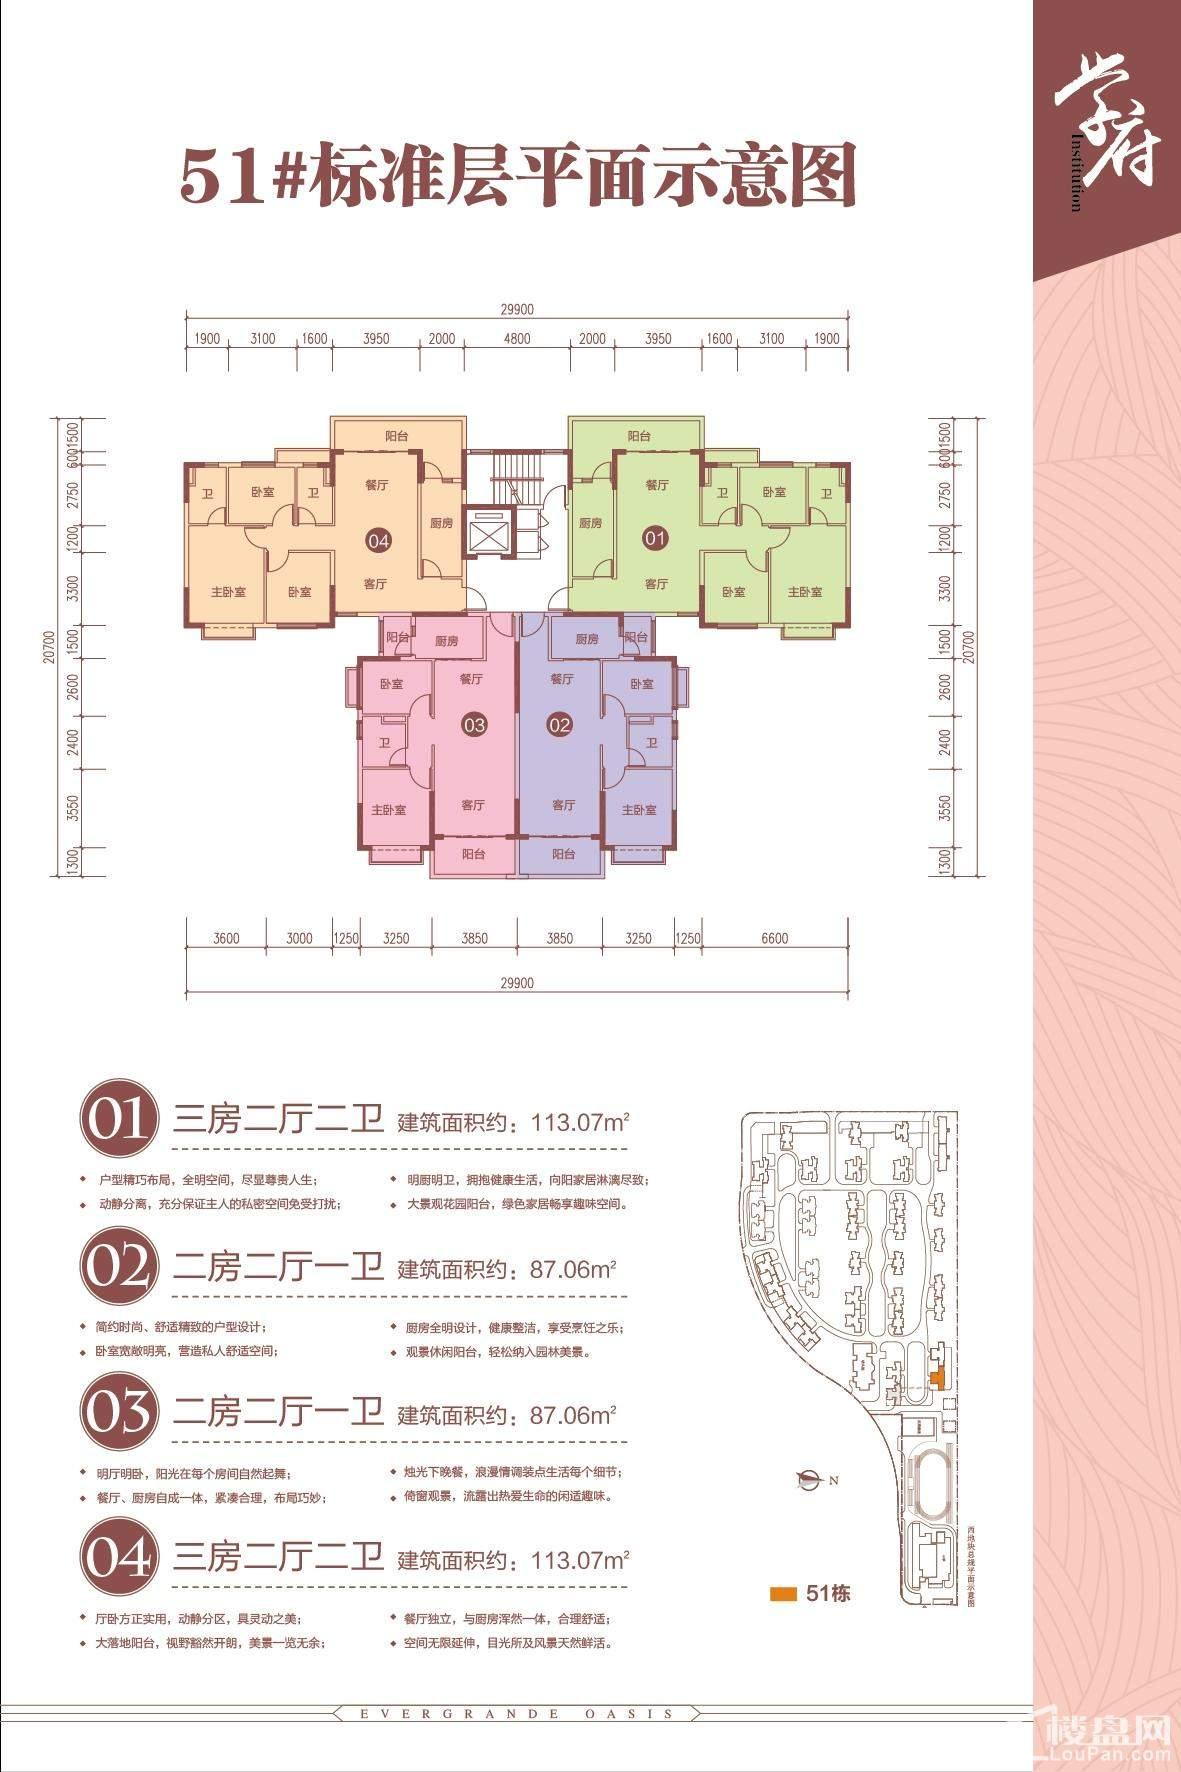 南宁恒大绿洲3期51#标准层平面图